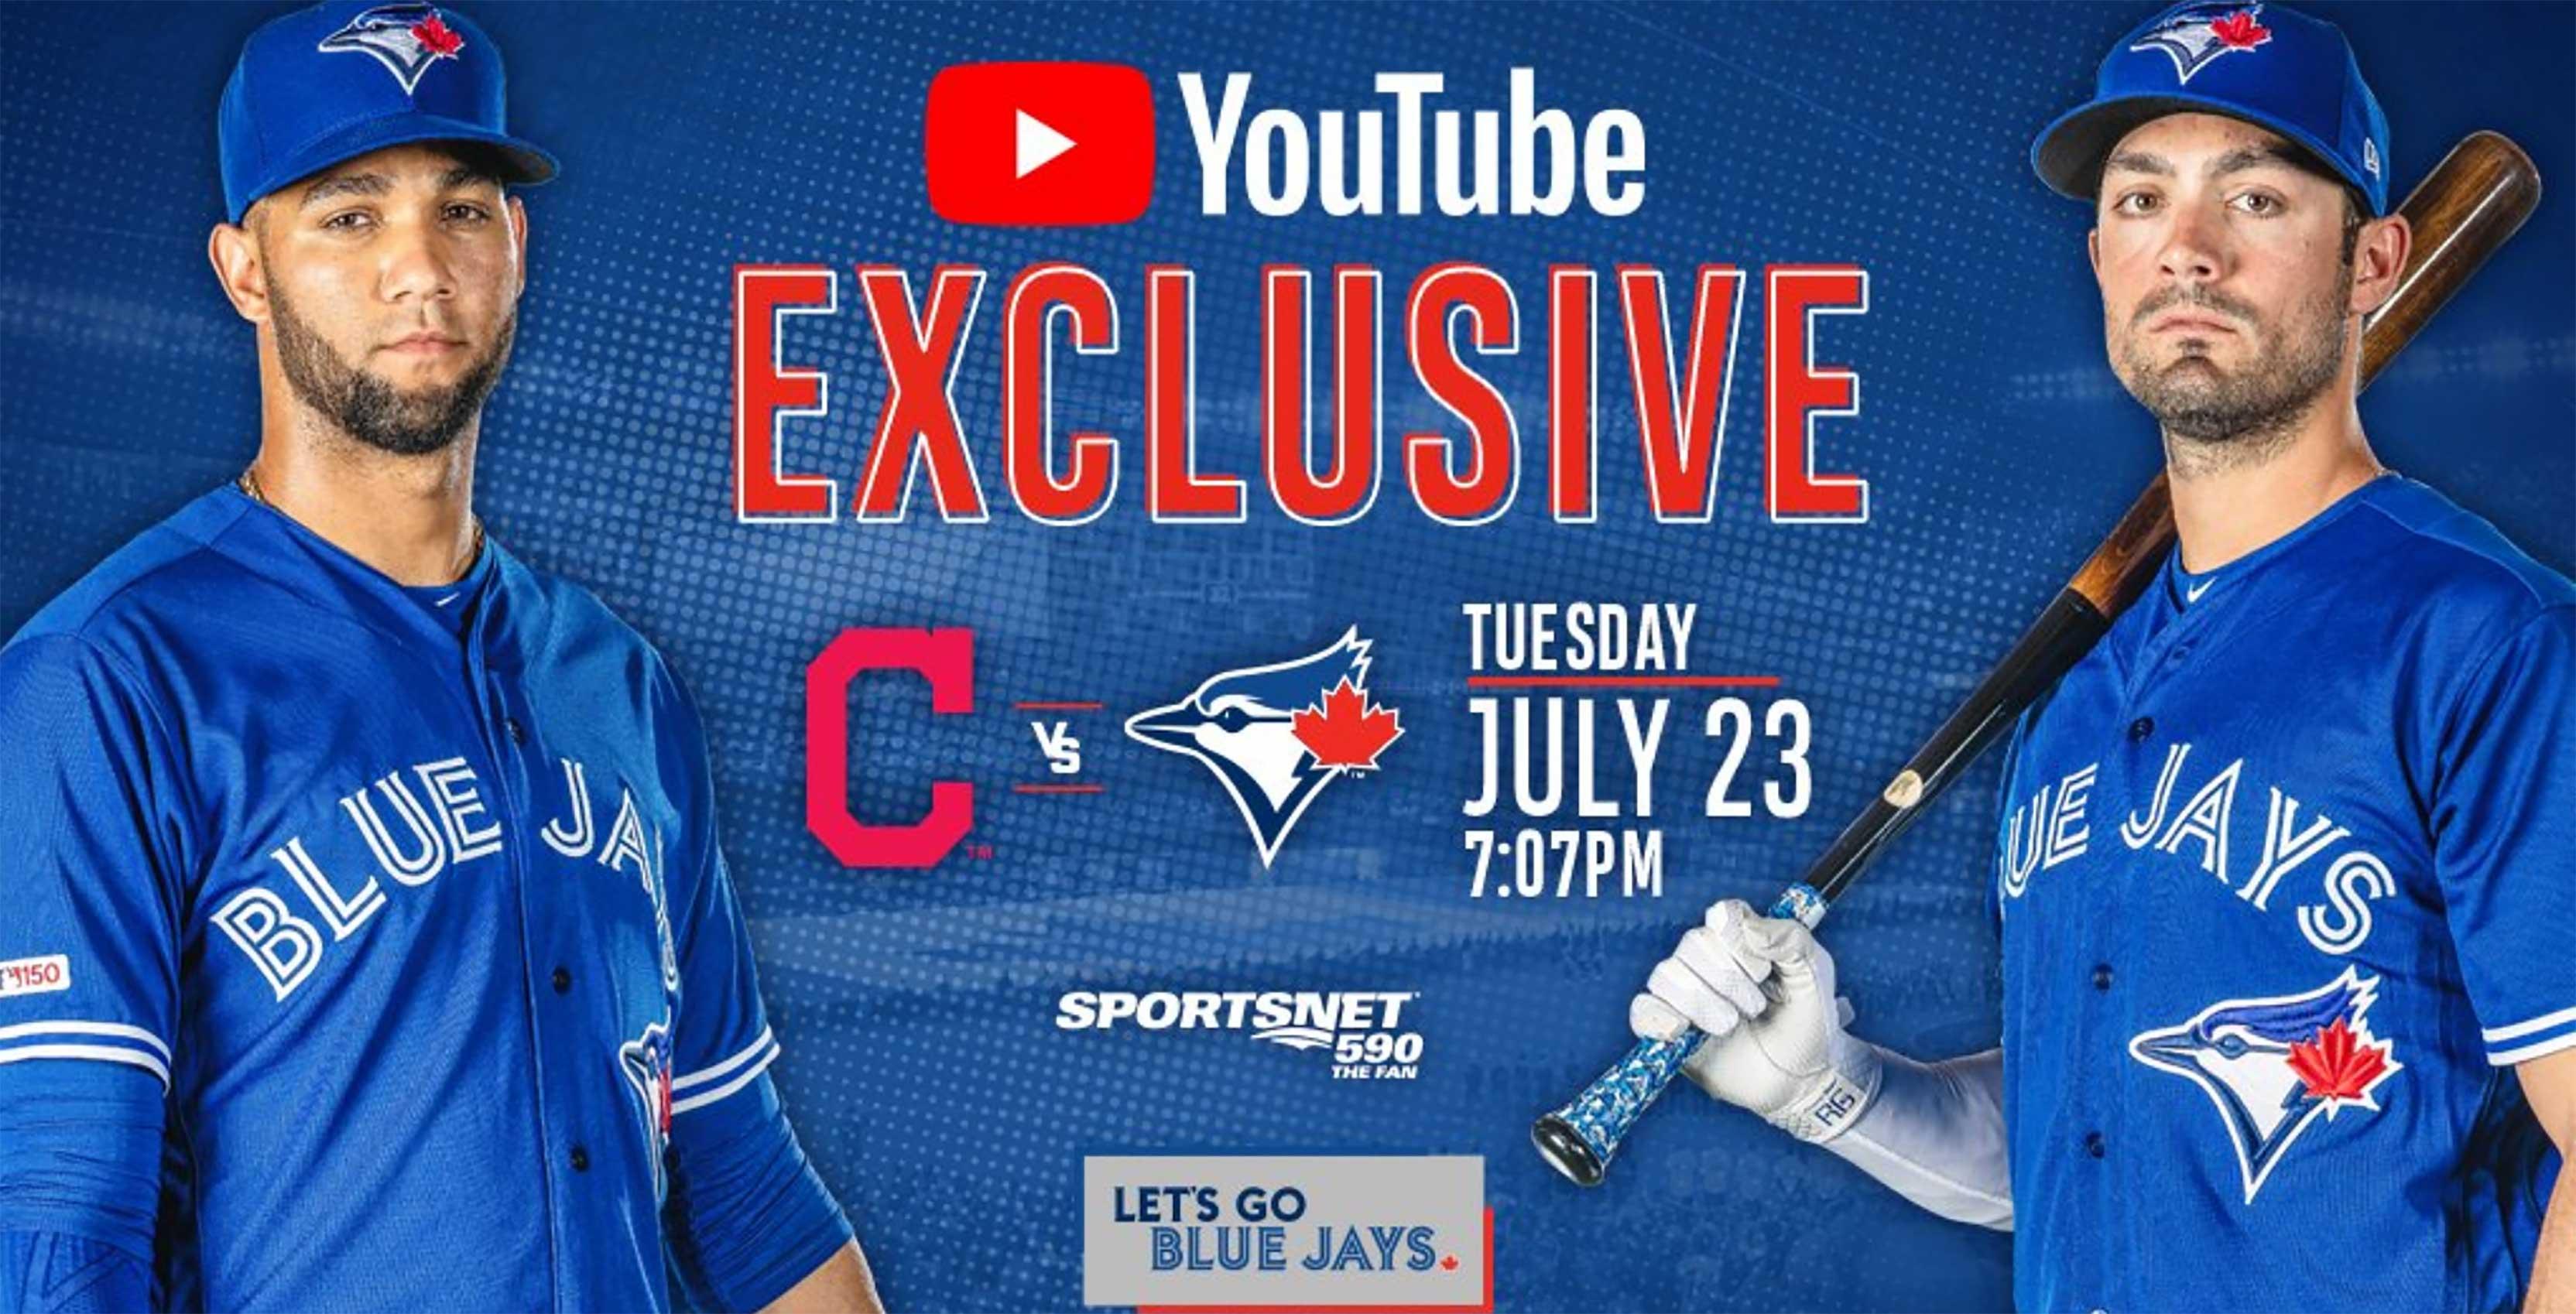 YouTube MLB Blue Jays